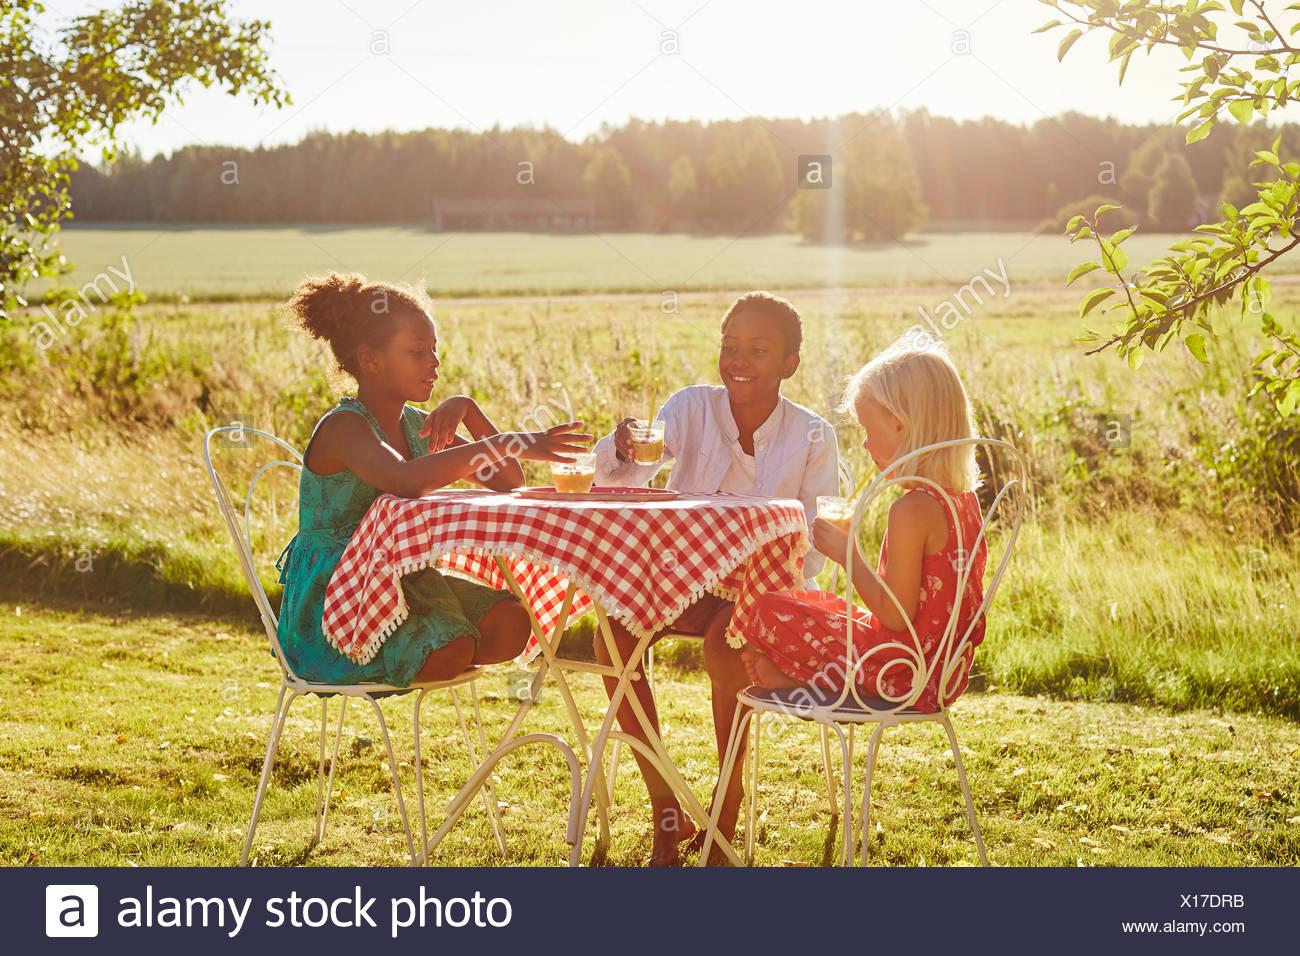 Los niños en una mesa fuera Imagen De Stock